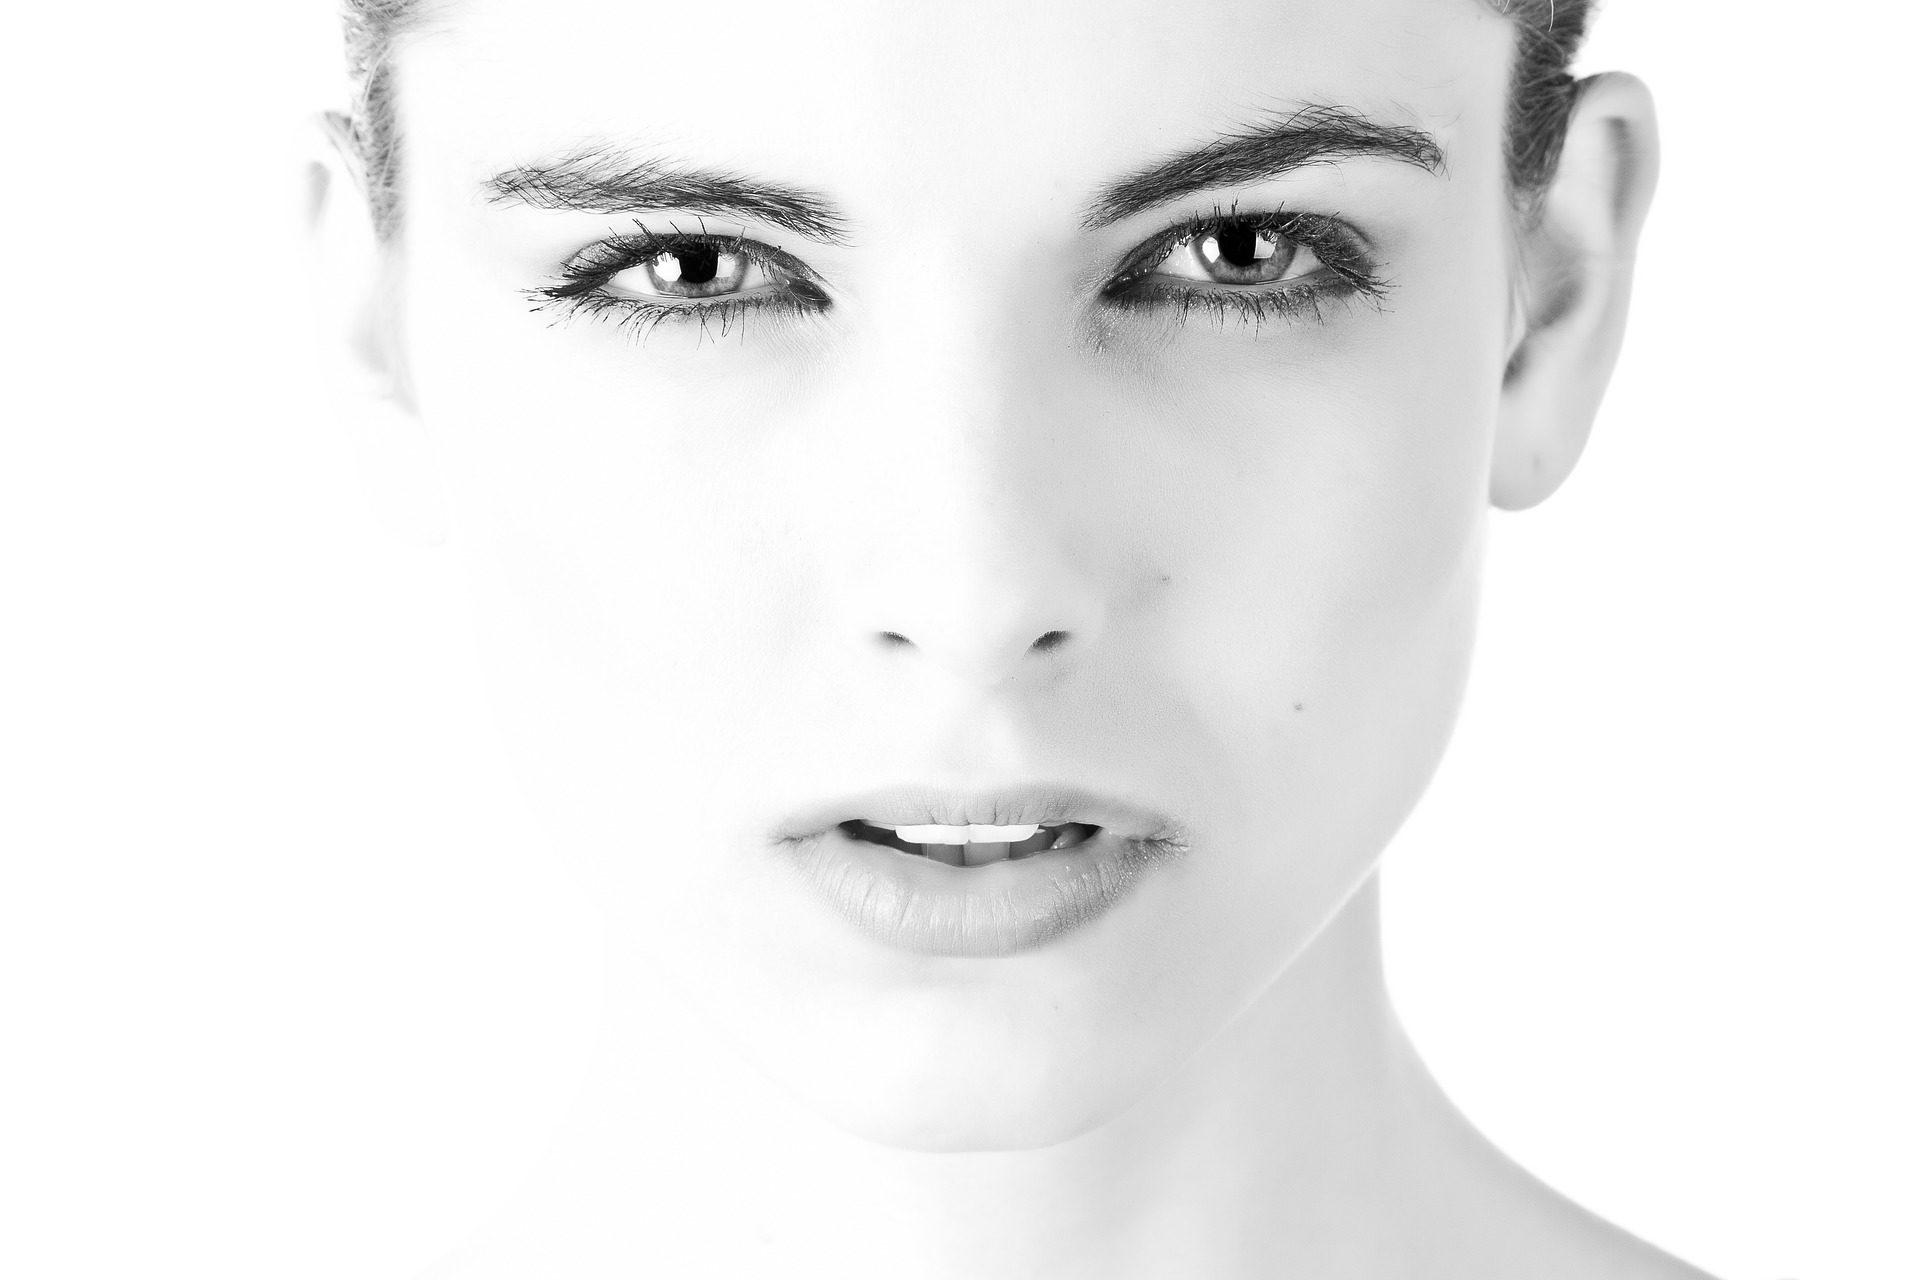 歳をとることのイメージをポジティブに変えていきたい。<br> Beauty salon HEXE.